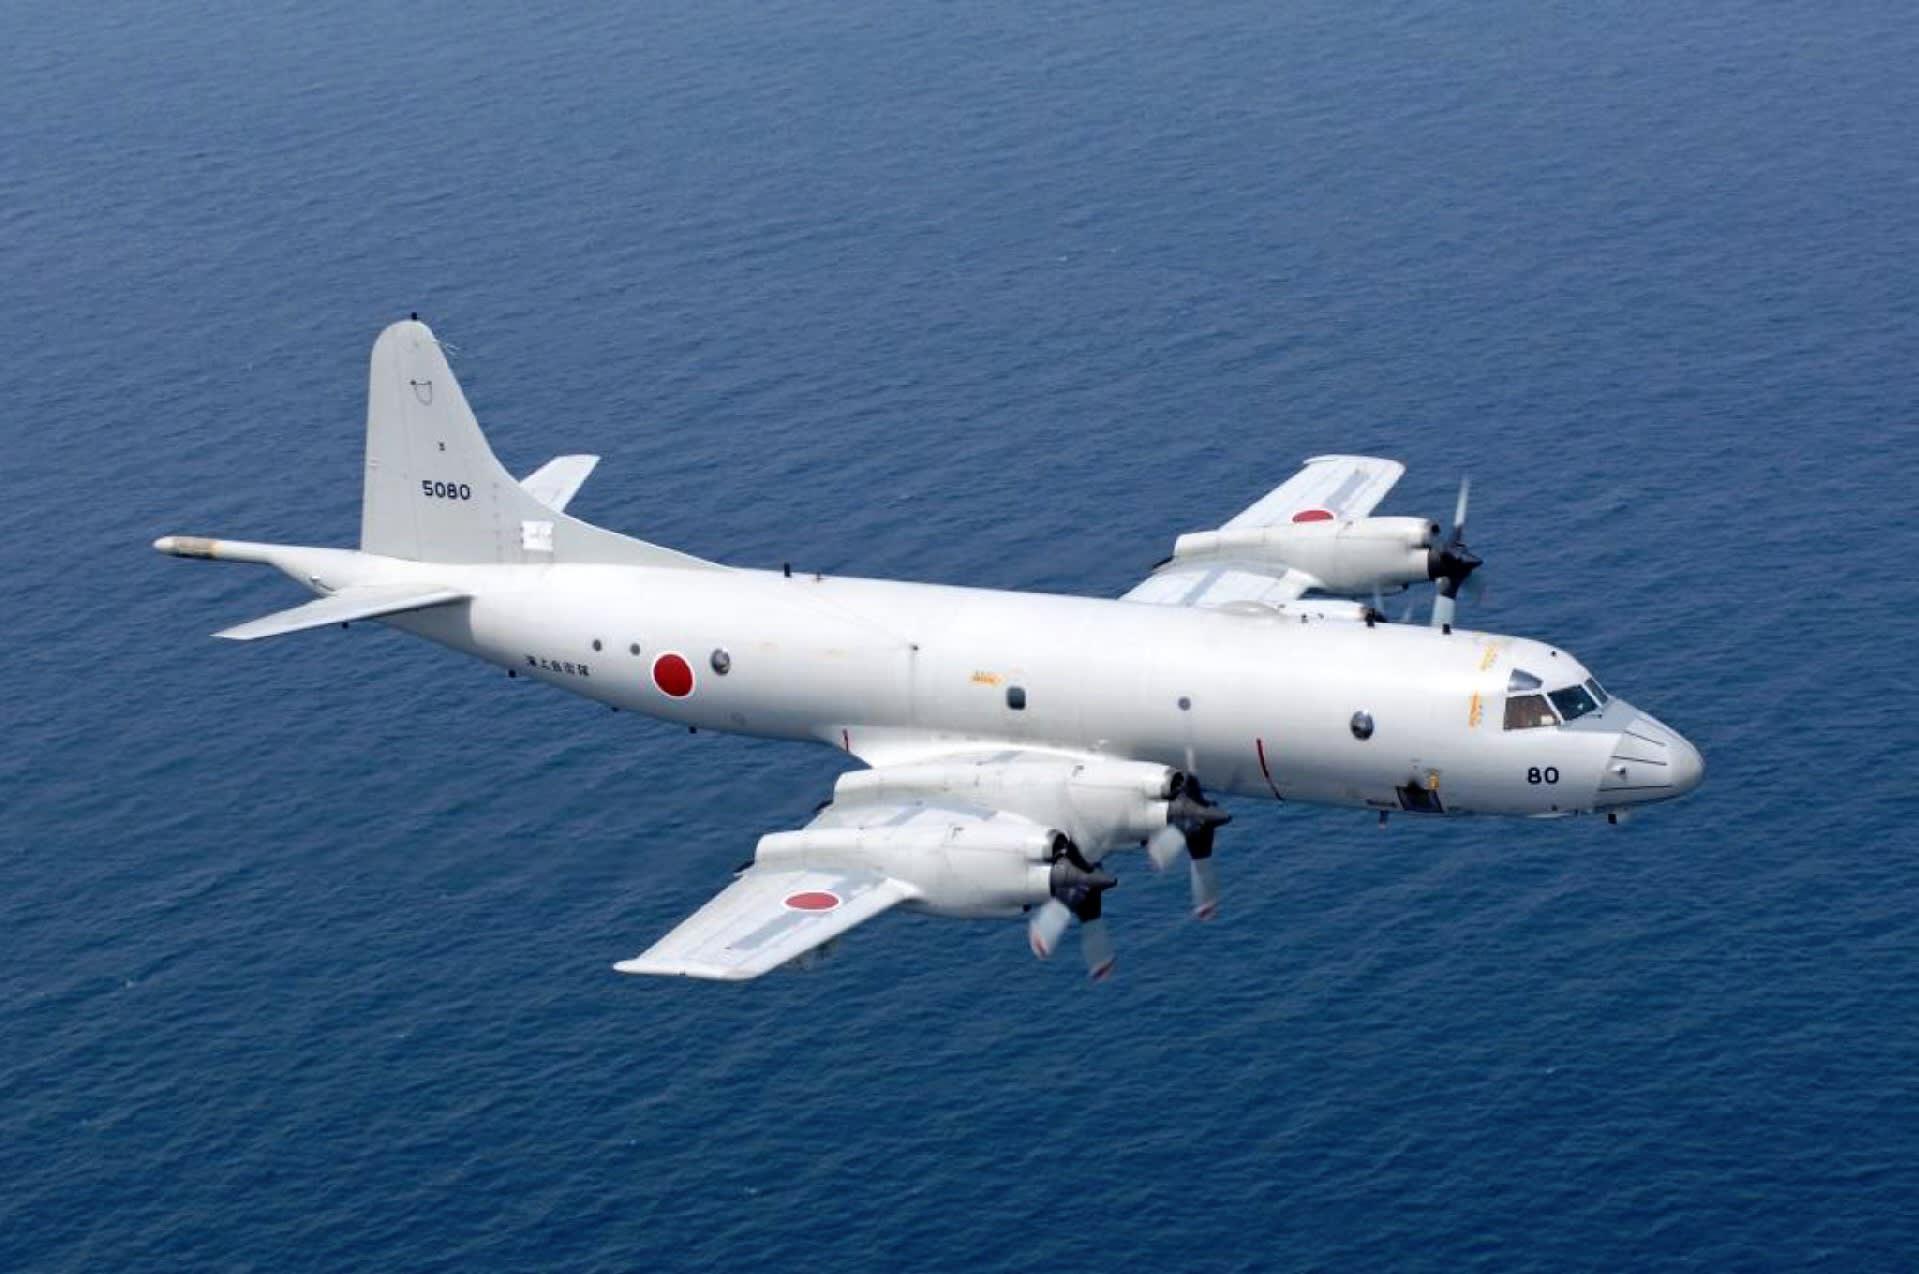 日本拟向中东派遣自卫队出动1艘护卫舰和1架巡逻机